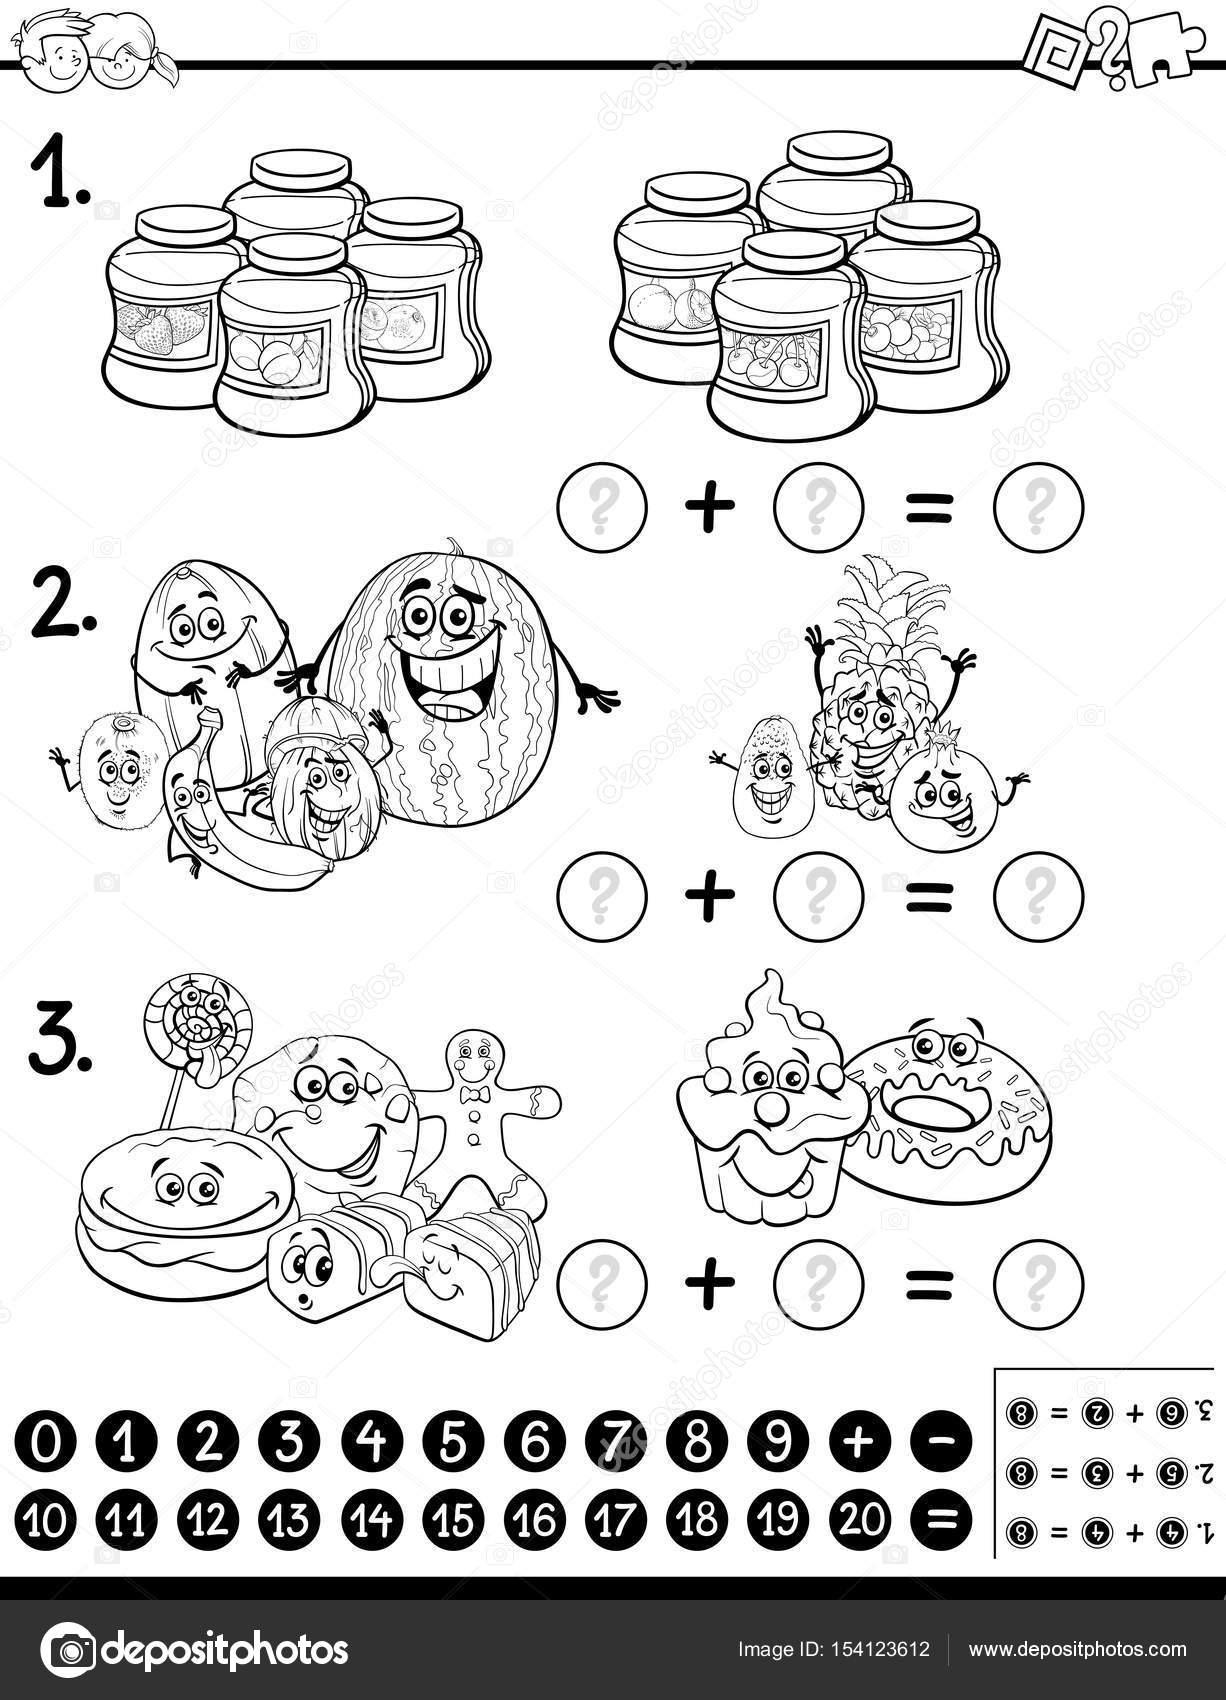 pädagogische Tätigkeit Malvorlagen — Stockvektor © izakowski #154123612